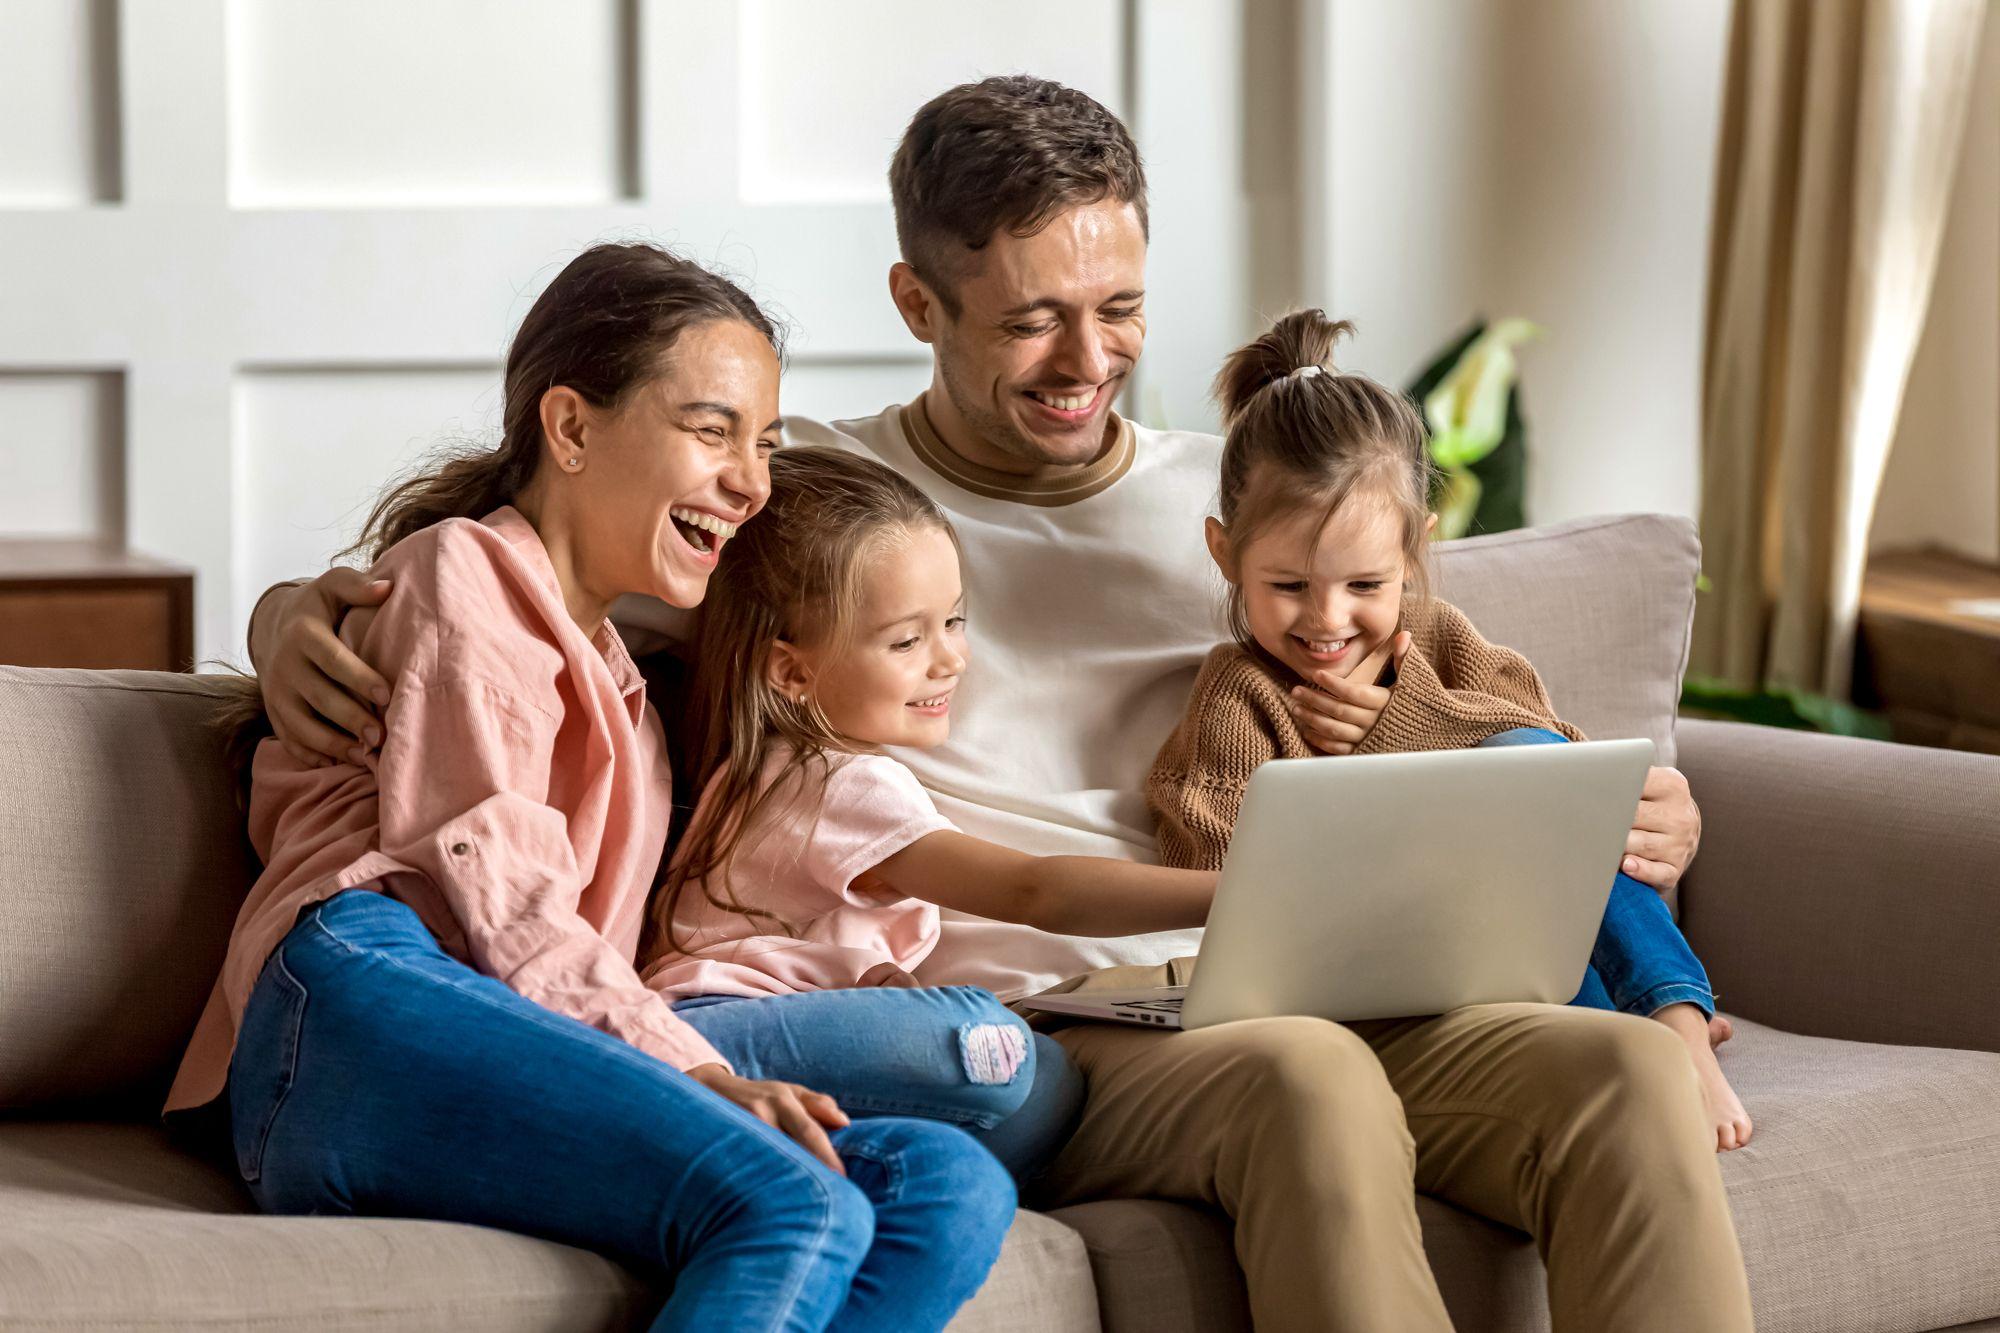 Educational Indoor Activities Family Watching Computer